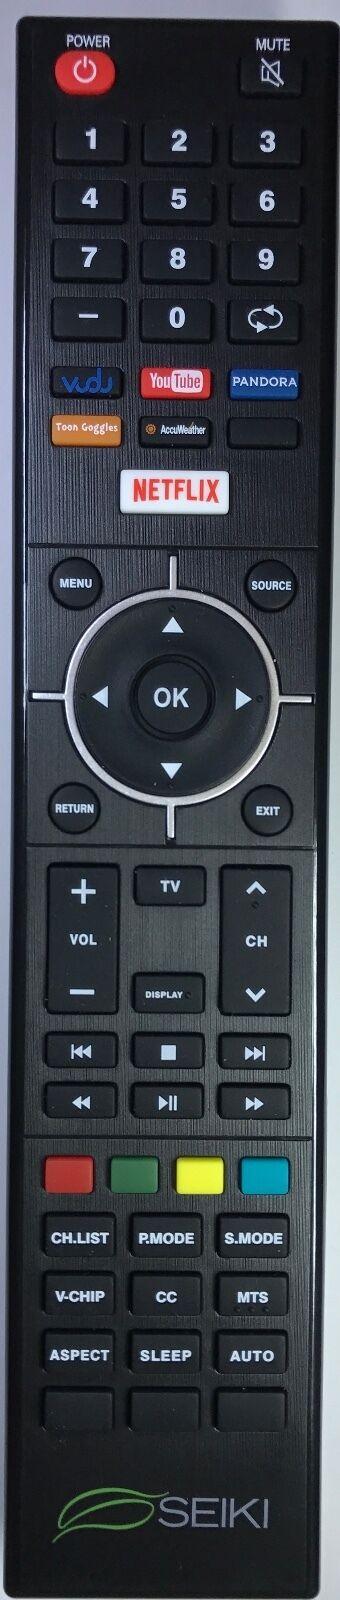 SEIKI Smart Tv Remote Netflix Vudu Youtube Pandora Se32hy19t